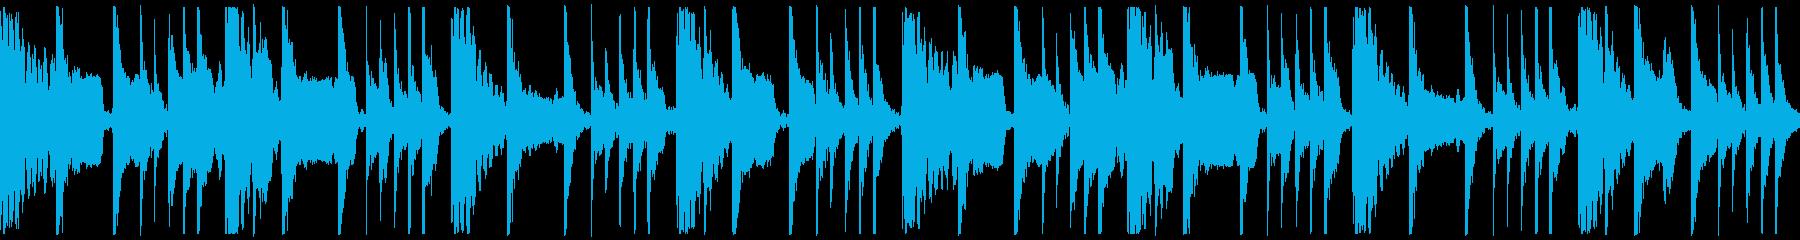 和太鼓、笛のループ楽曲の再生済みの波形